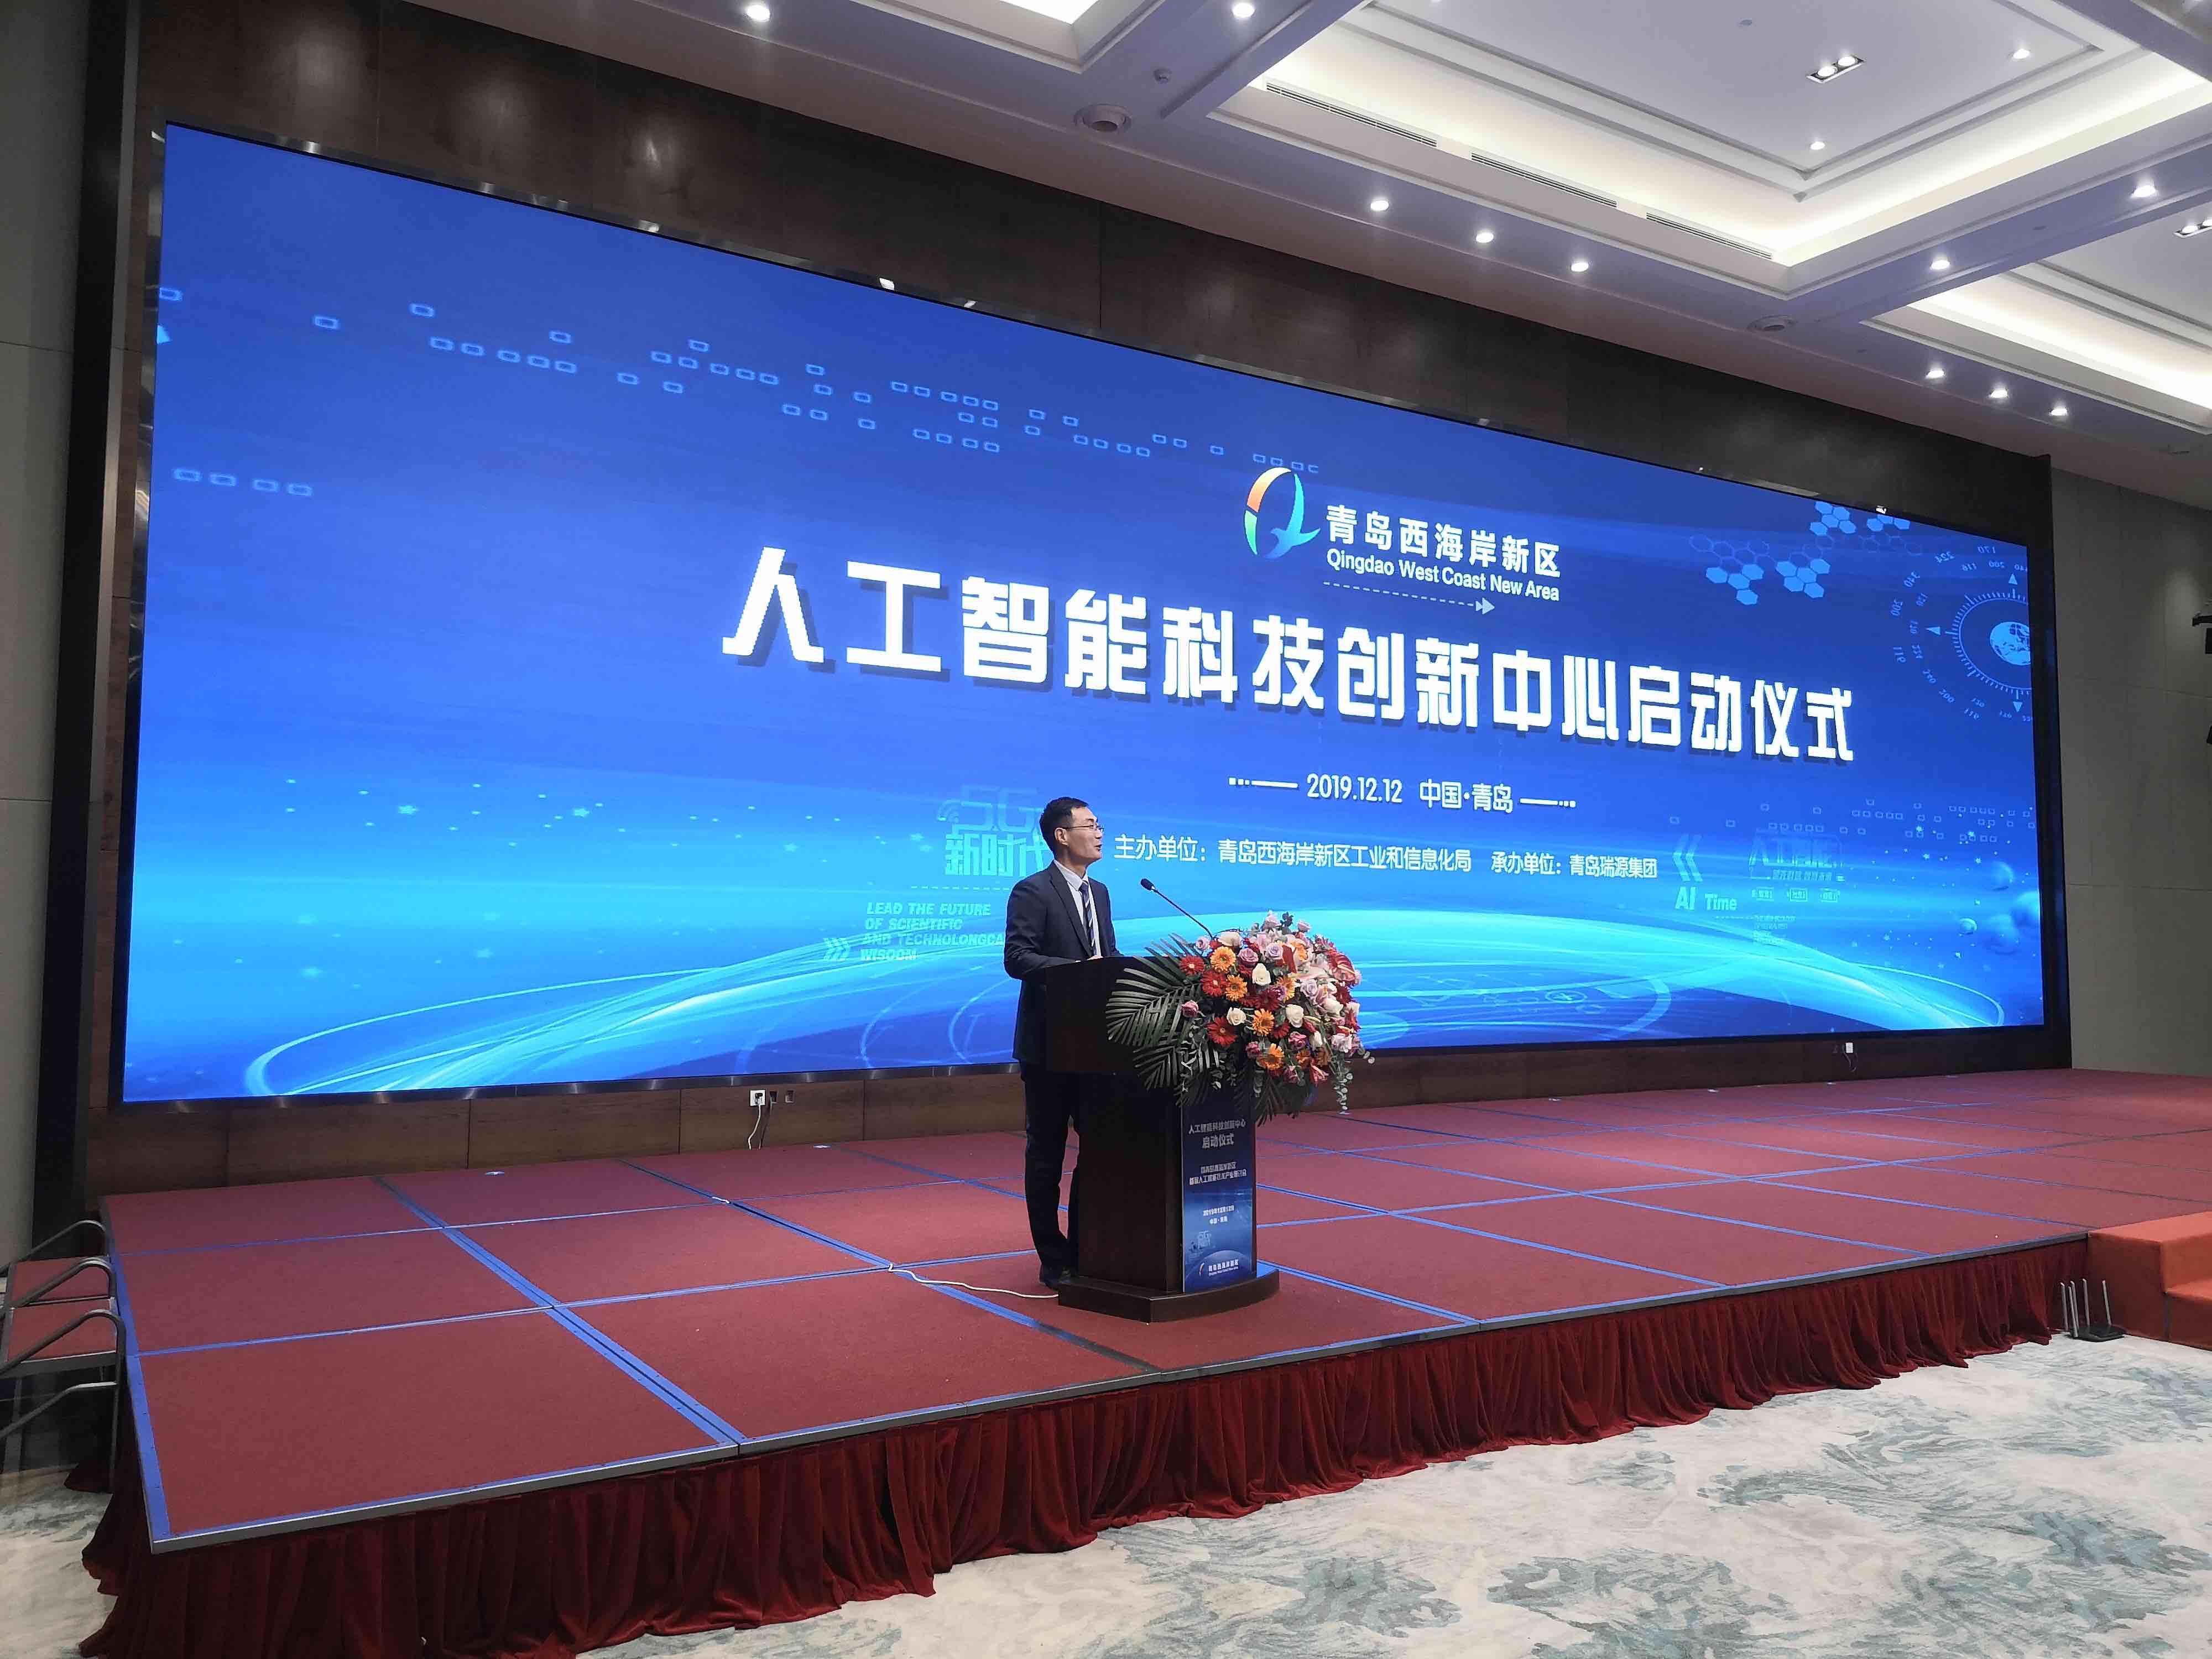 青岛西海岸新区人工智能科技创新中心启动暨青岛西海岸新区首届人工智能技术产业研讨会胜利召开